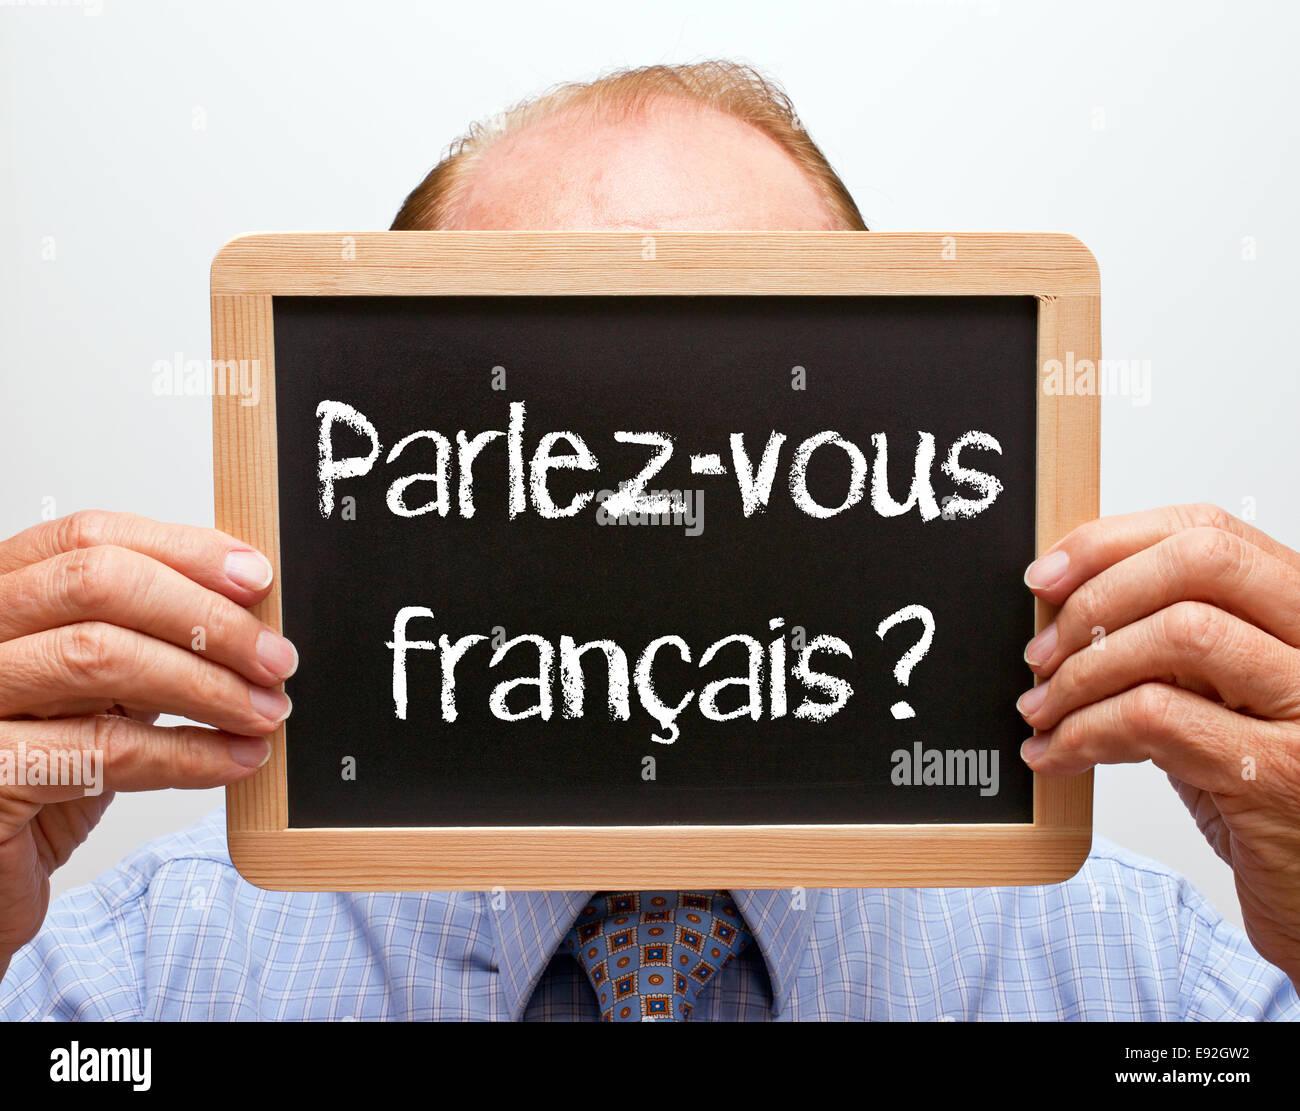 Parlez-vous français ? Stock Photo